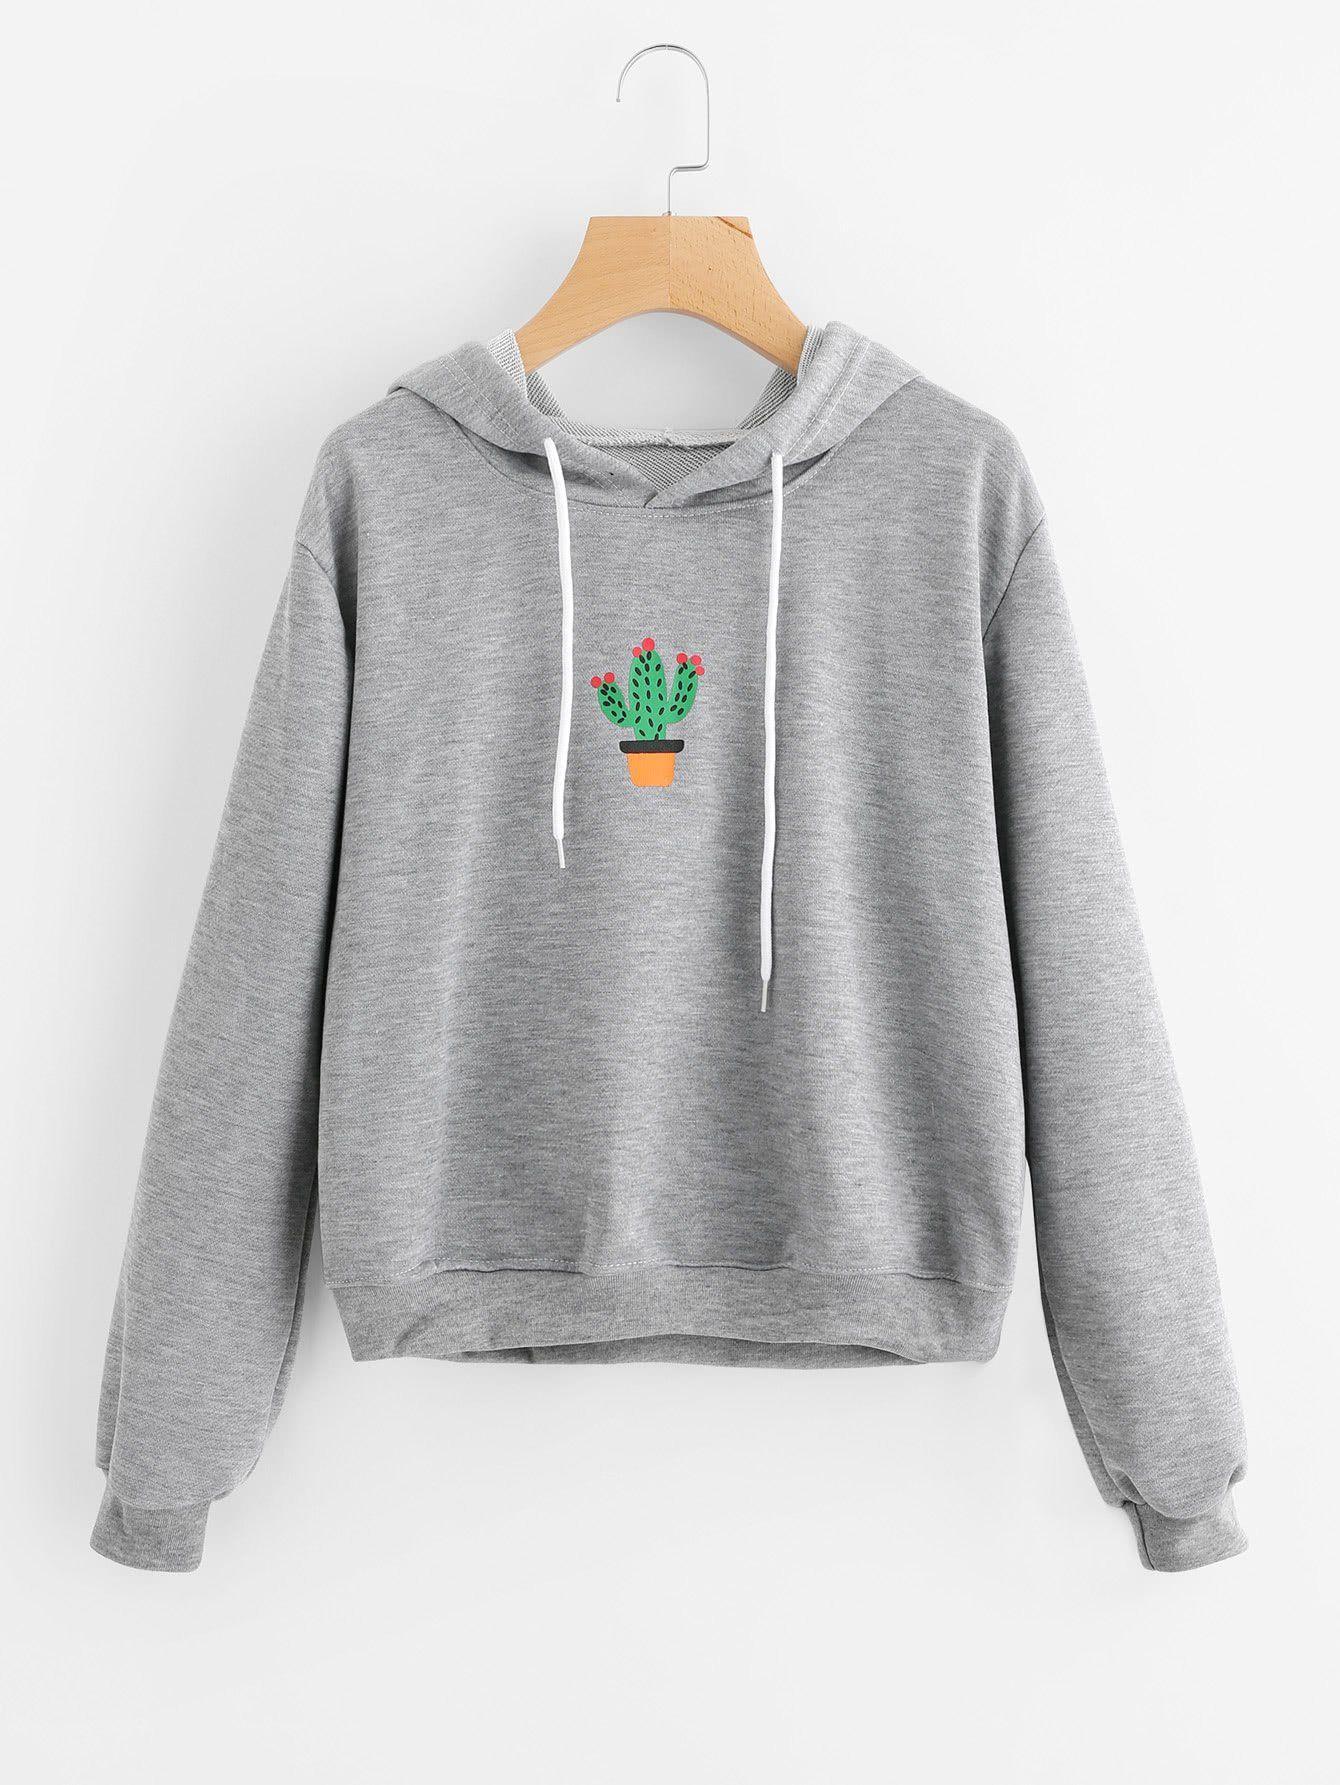 Grey Marled Printed Potted Cactus Hoodie Sweatshirts Hoodie Sweatshirts Women Sweatshirts [ 1785 x 1340 Pixel ]